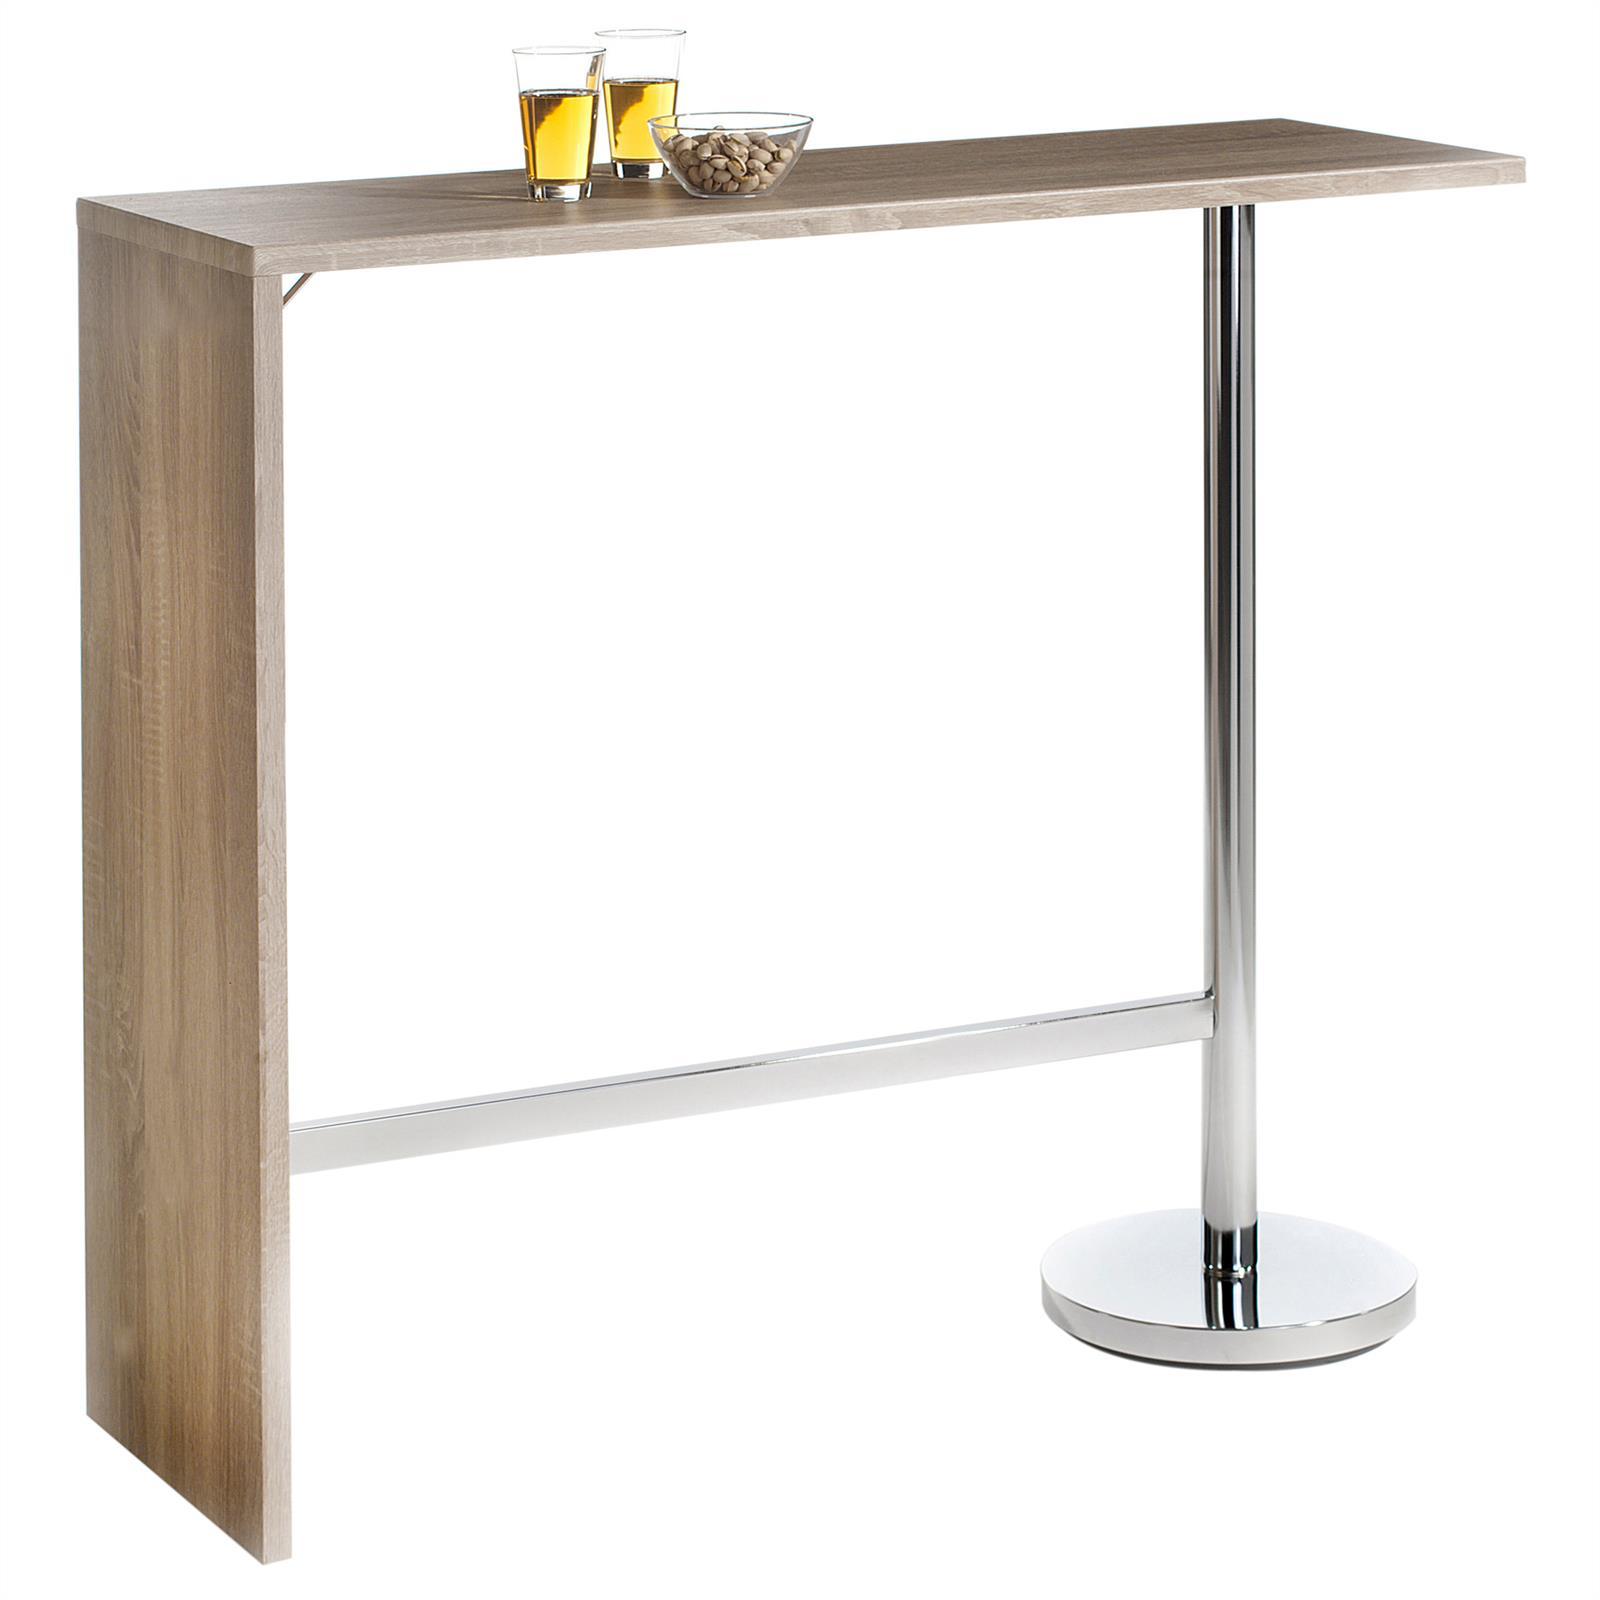 barhocker und bartische f r ihre hausbar kollektion erkunden bei ebay. Black Bedroom Furniture Sets. Home Design Ideas